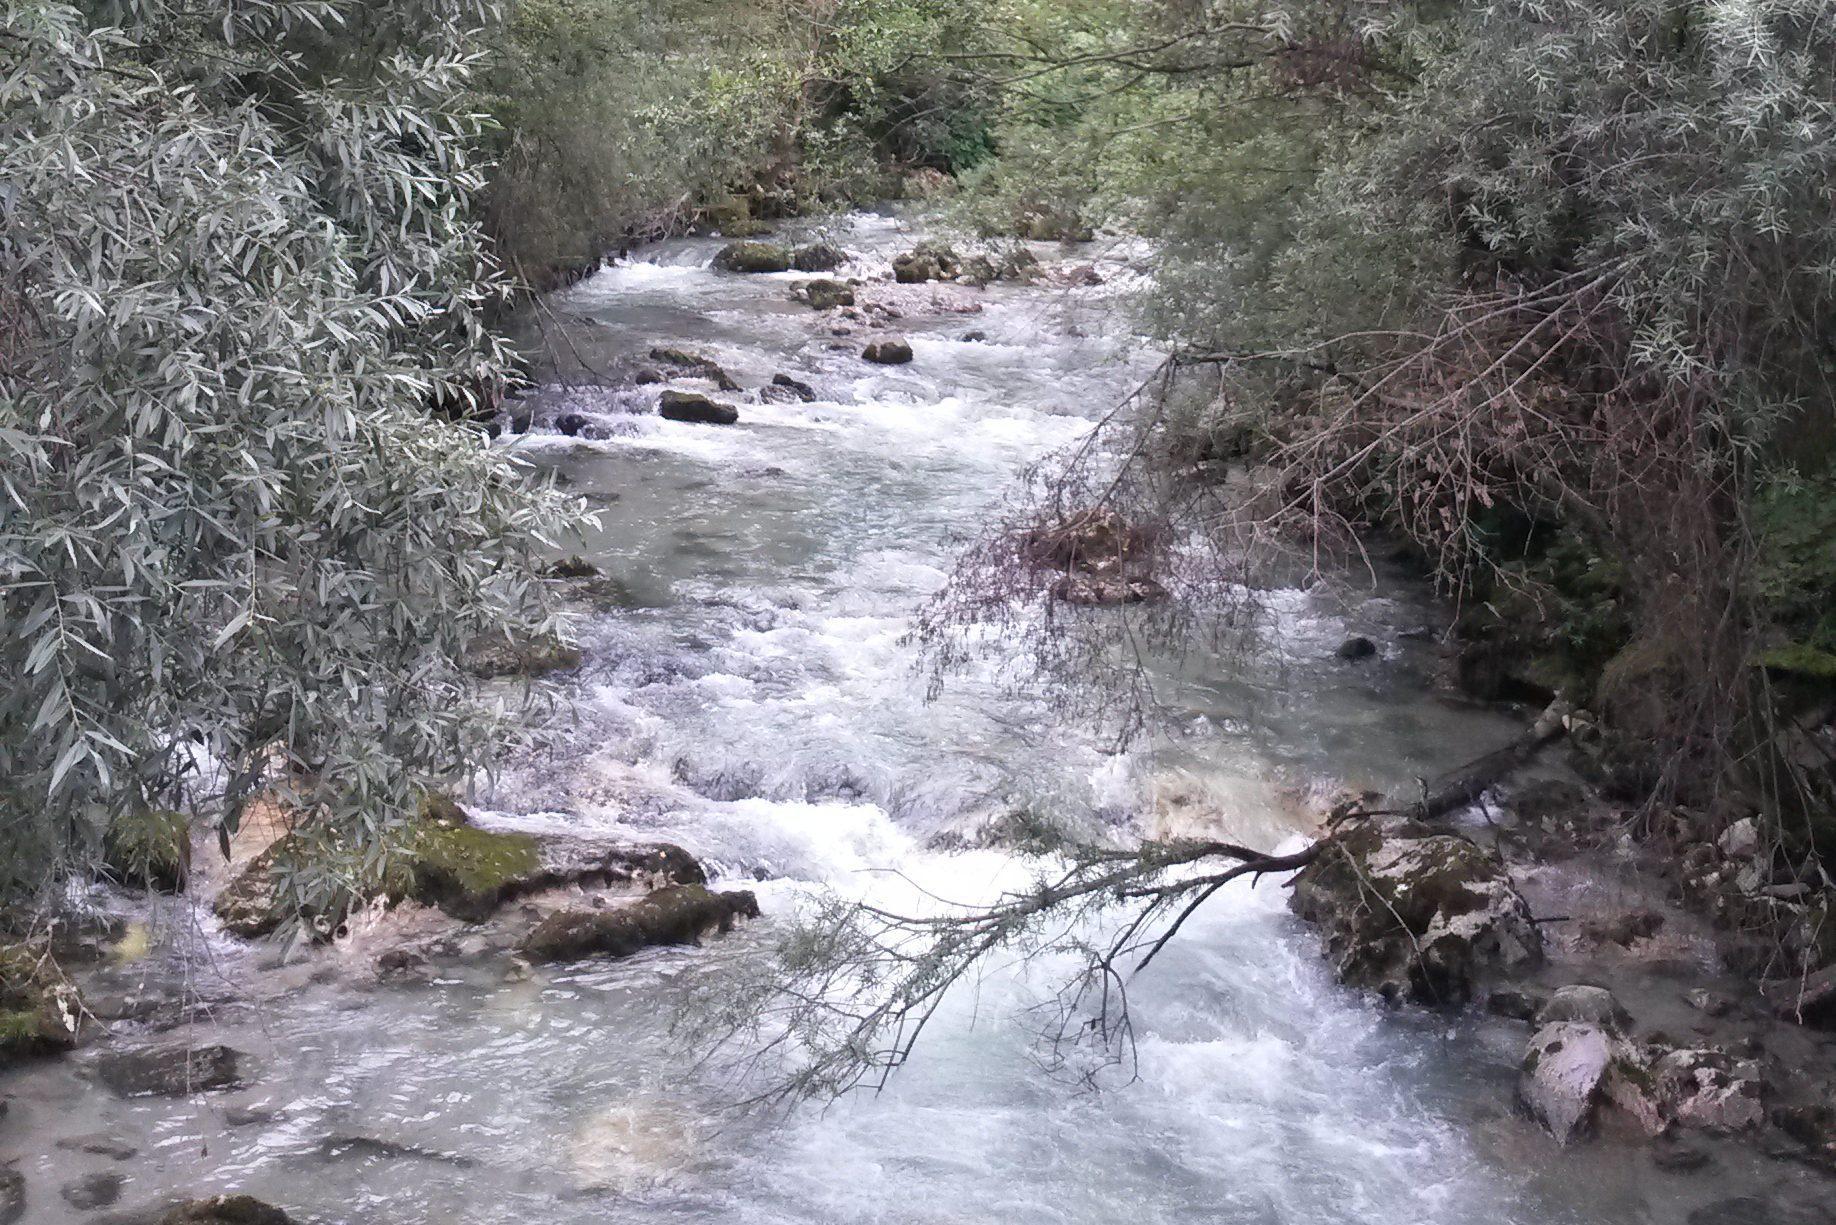 Vellach Fluss am Weg nach Eisenkappel